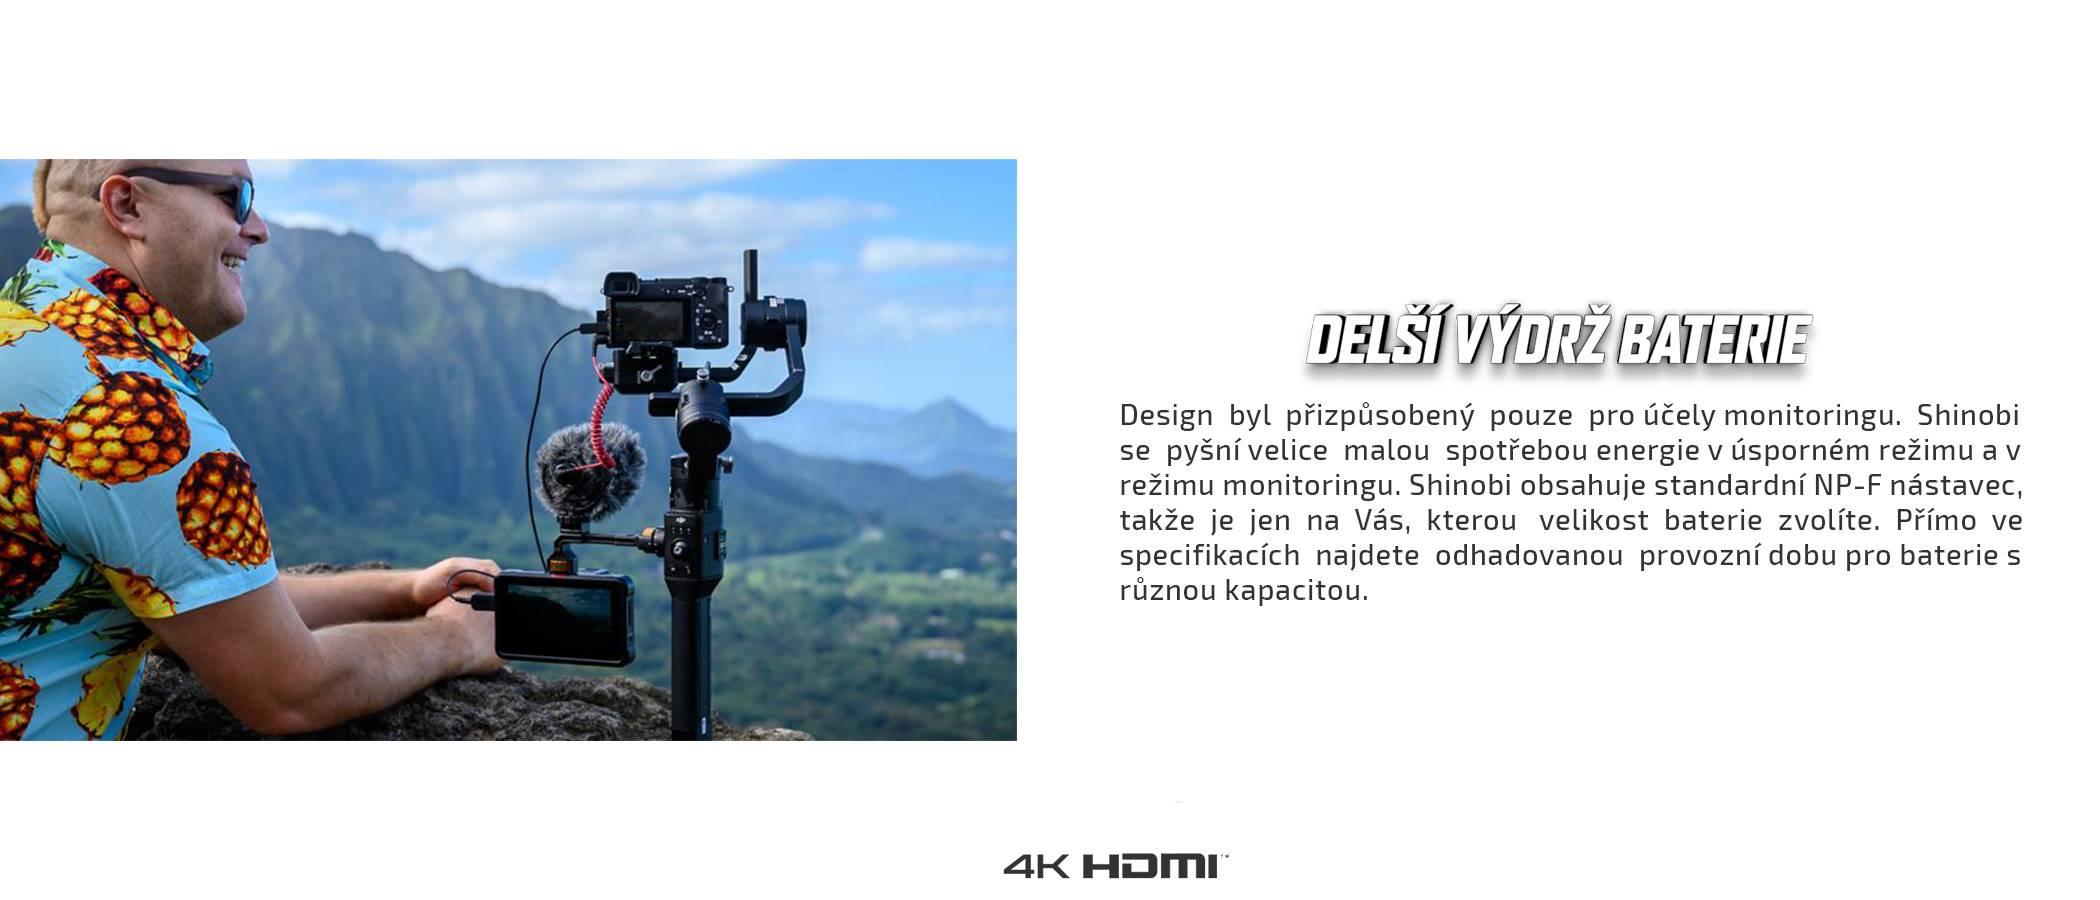 film-technika-atomos-shinobi-hdmi-5-inc-náhledový-monitor-delší-výdrž-baterie